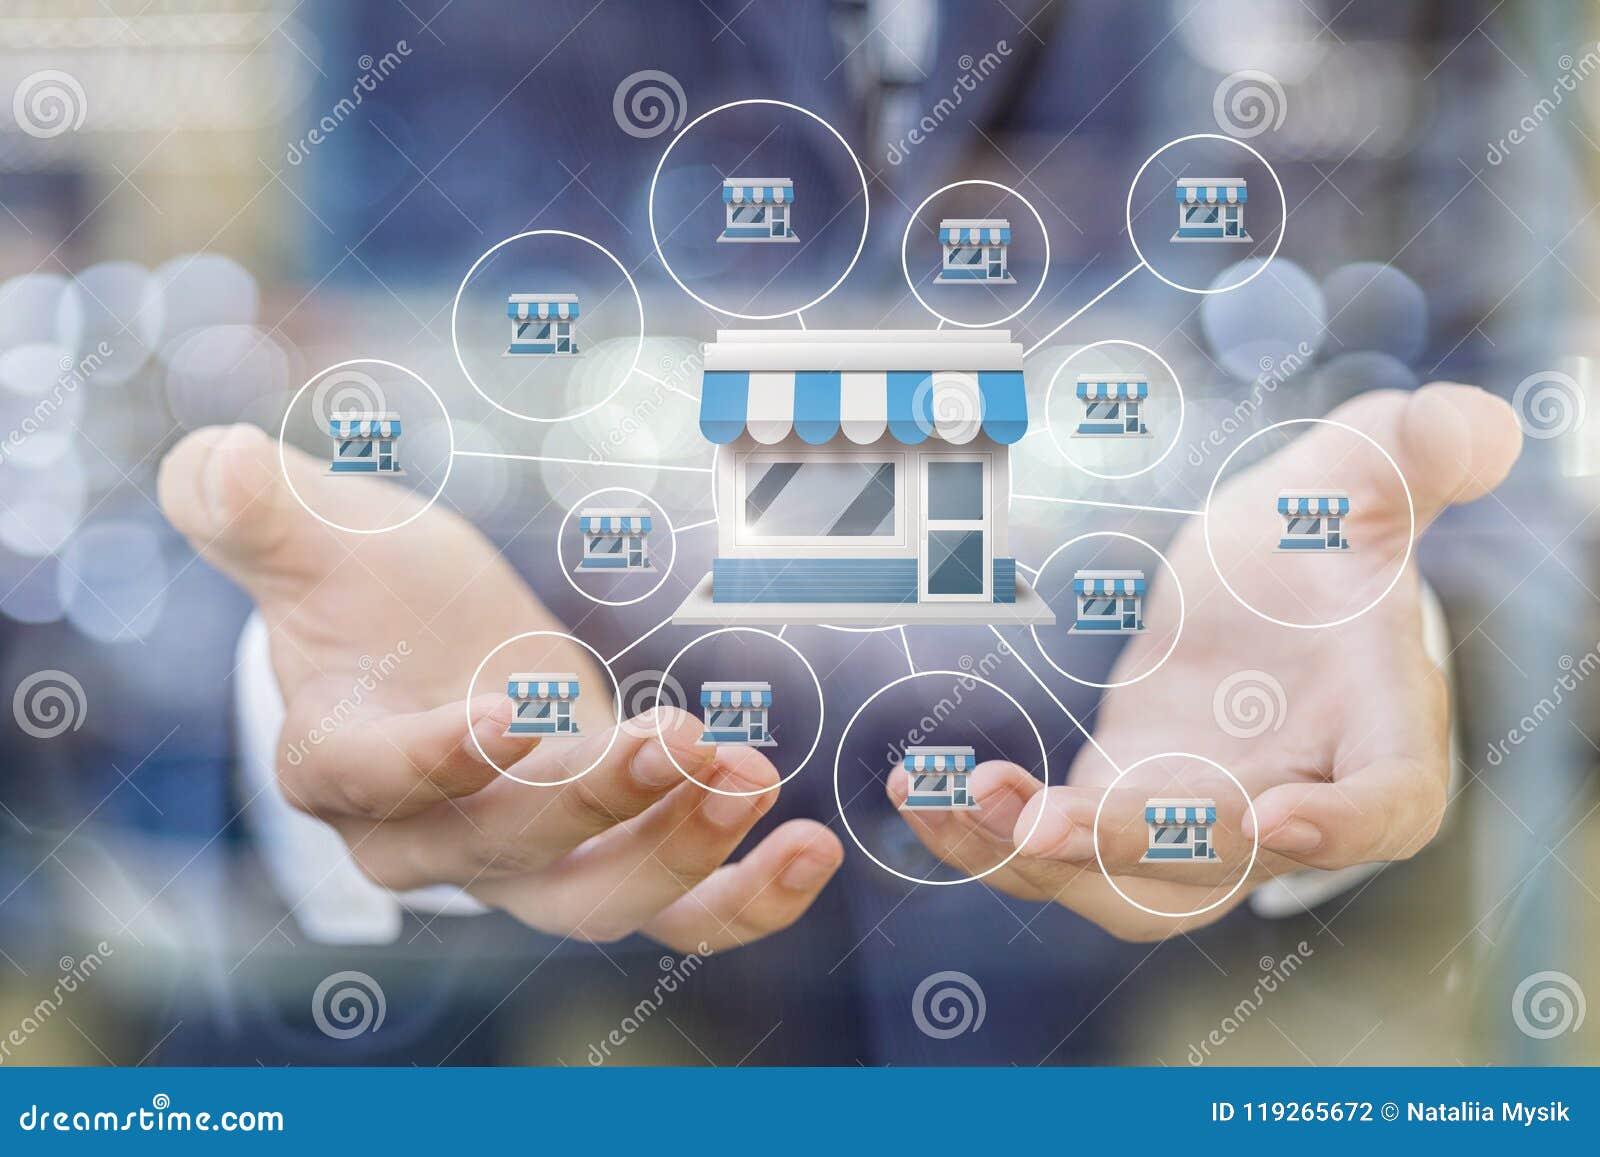 Genehmigen Sie Marketingsystem in den Händen eines Geschäftsmannes